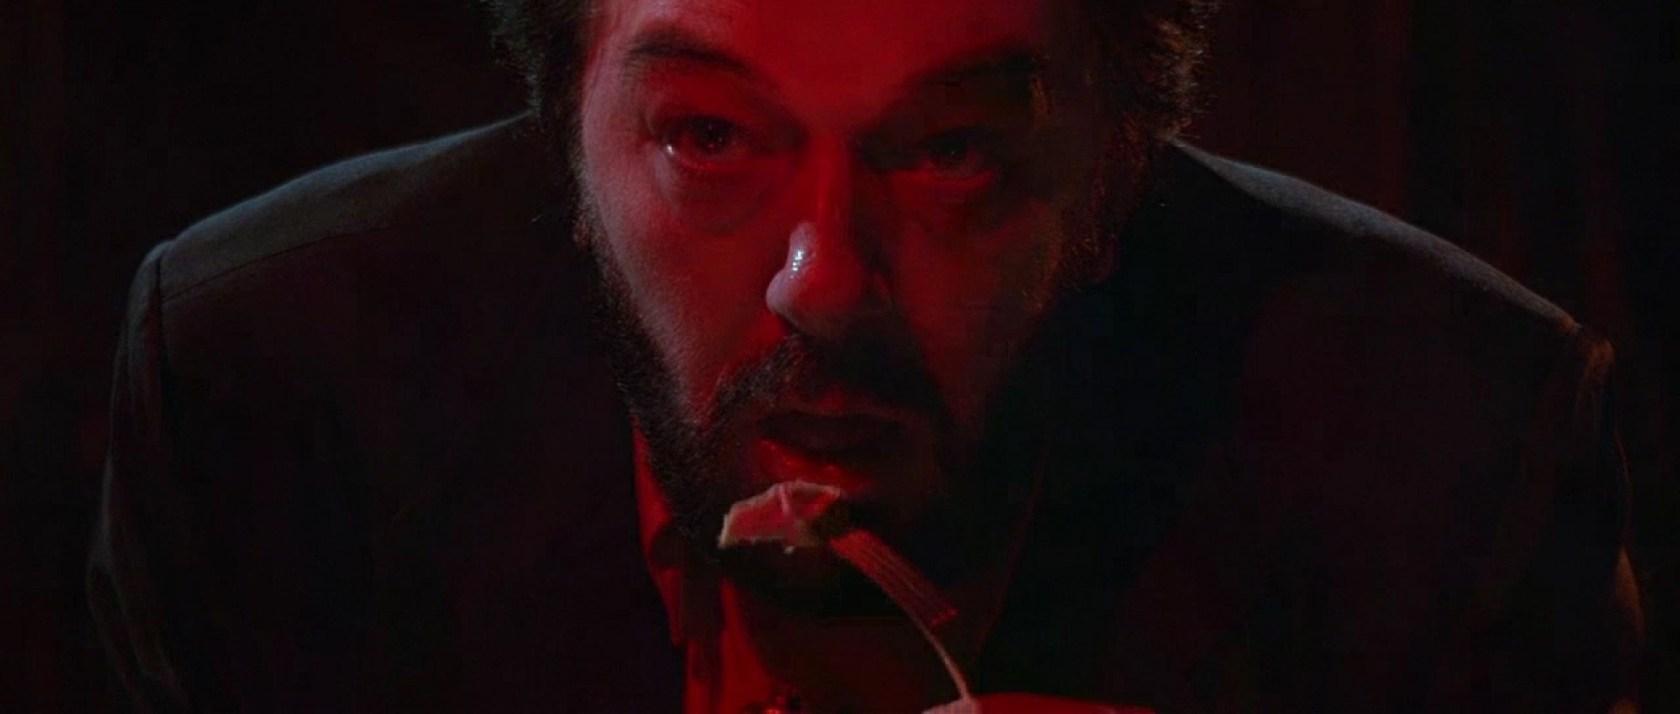 """Michael Gambon en un fotograma de """"El cocinero, el ladrón, su mujer y su amante"""", dirigida por Peter Greenaway en 1989."""